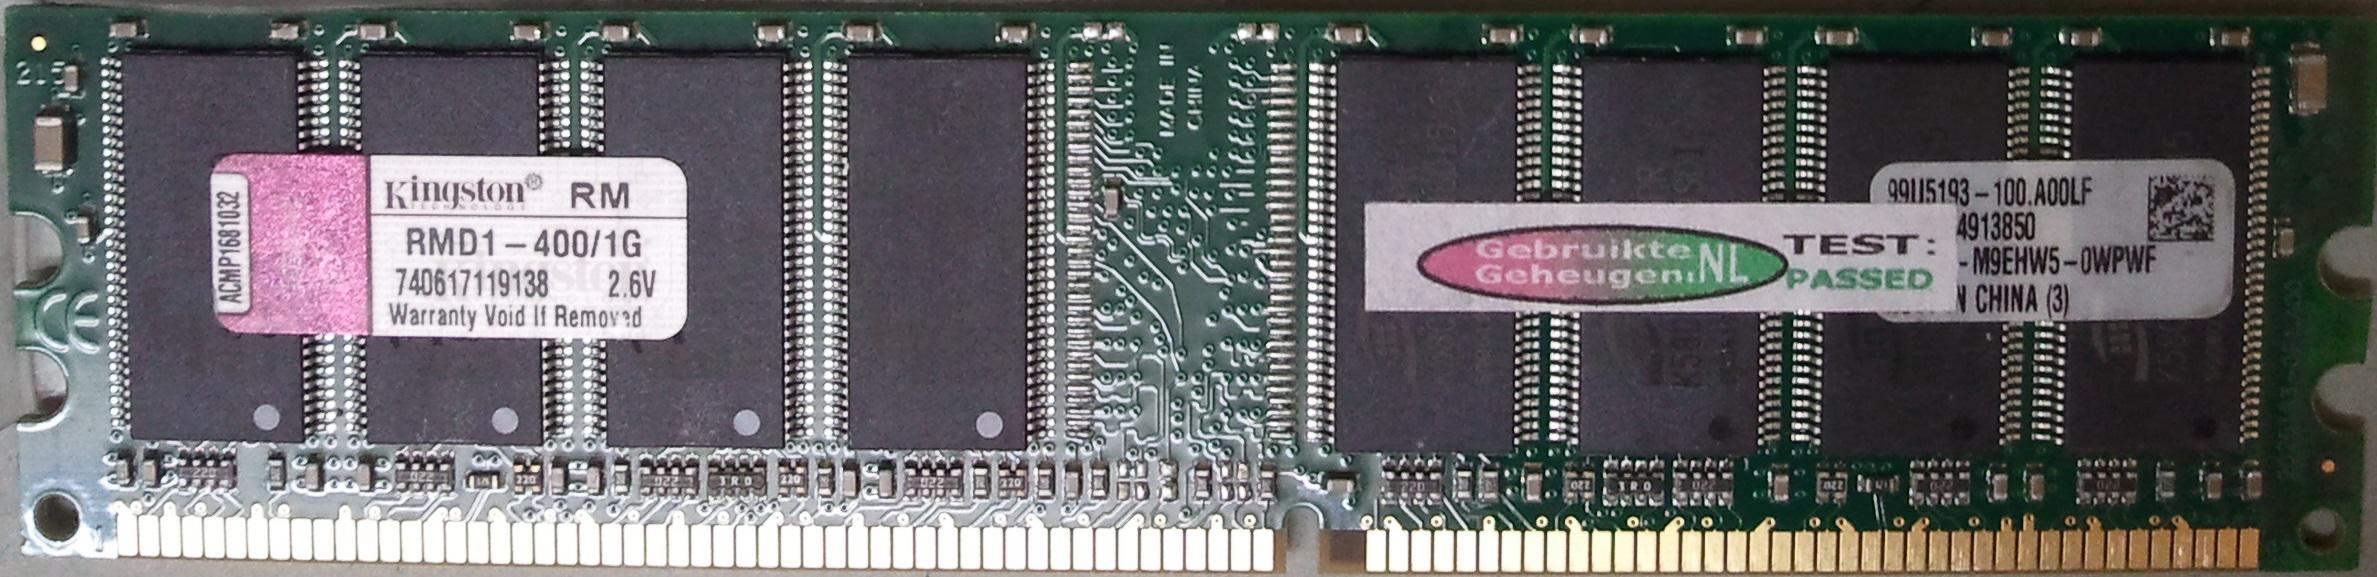 RMD1-400/1G